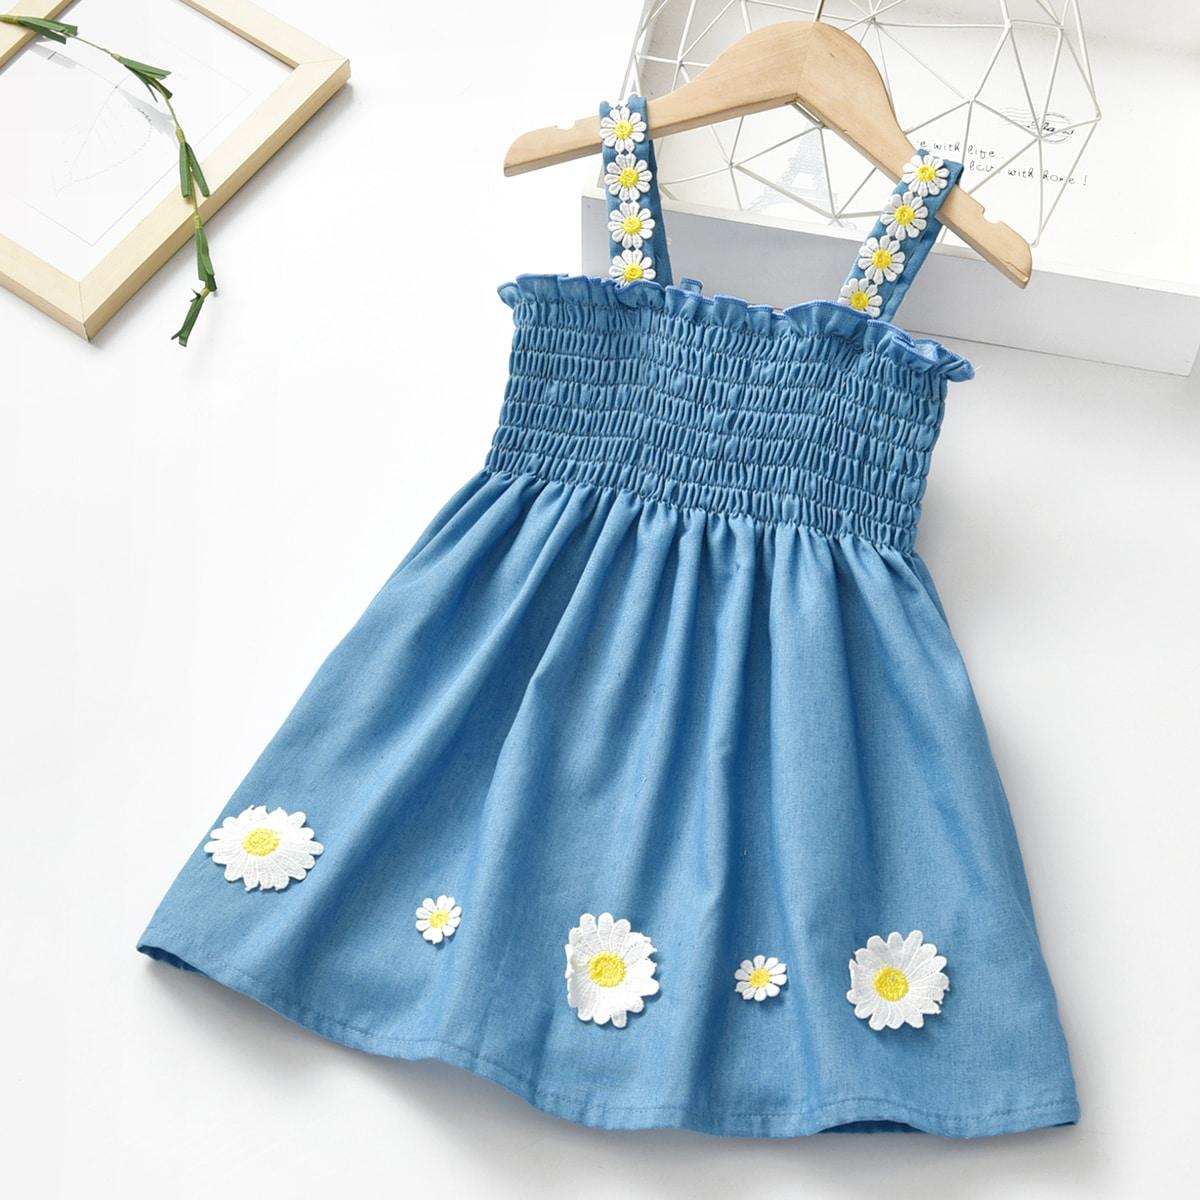 для девочек Джинсовое платье на бретельках цветочным рисунком заплатка SheIn skdress25210514867